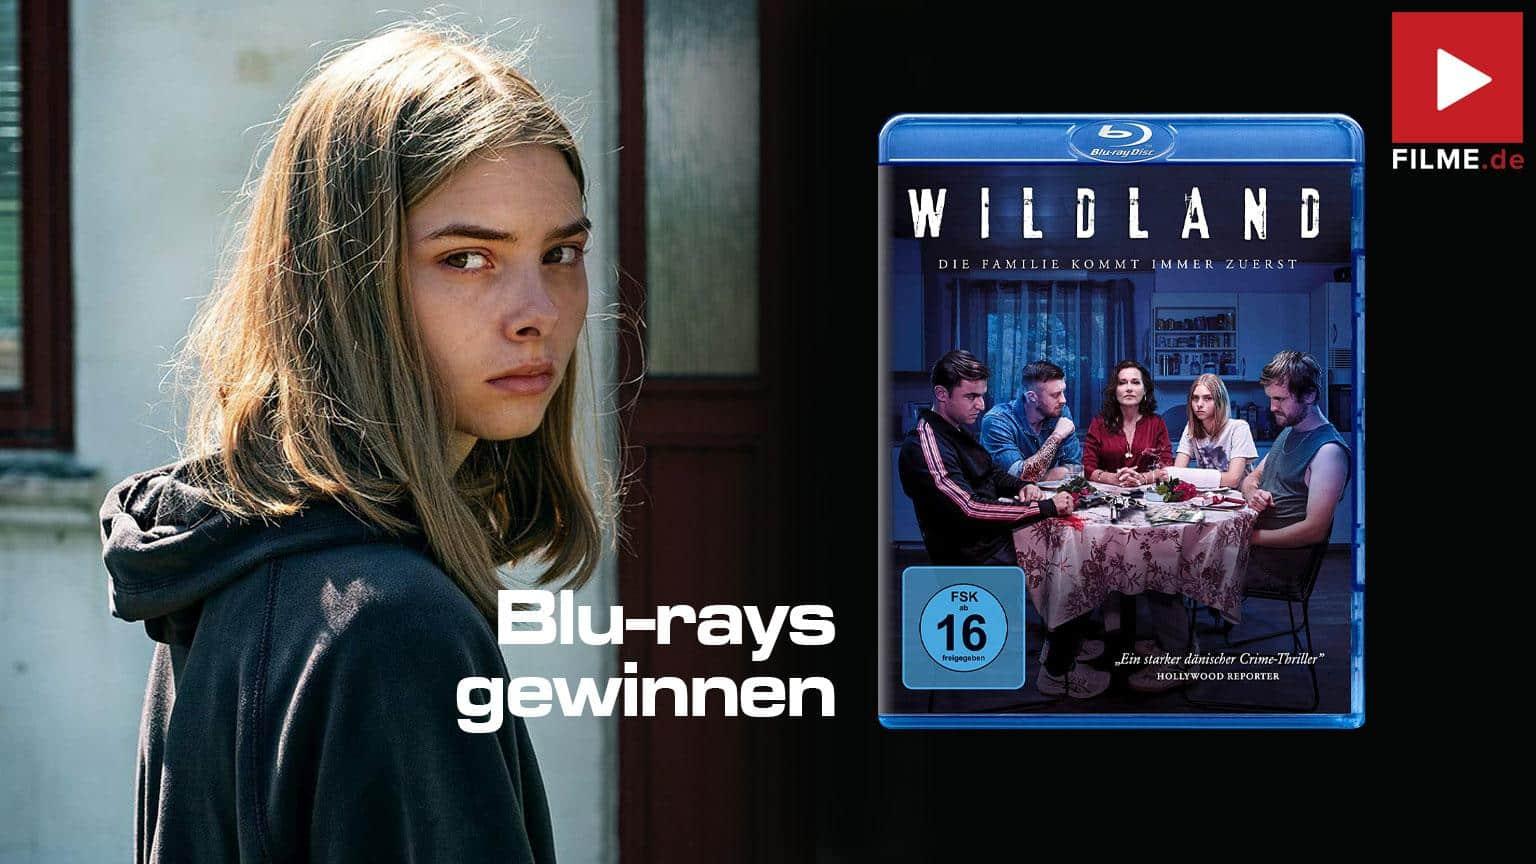 Wildland – Die Familie kommt immer zuerst Film 2021 Blu-ray Artikelbild